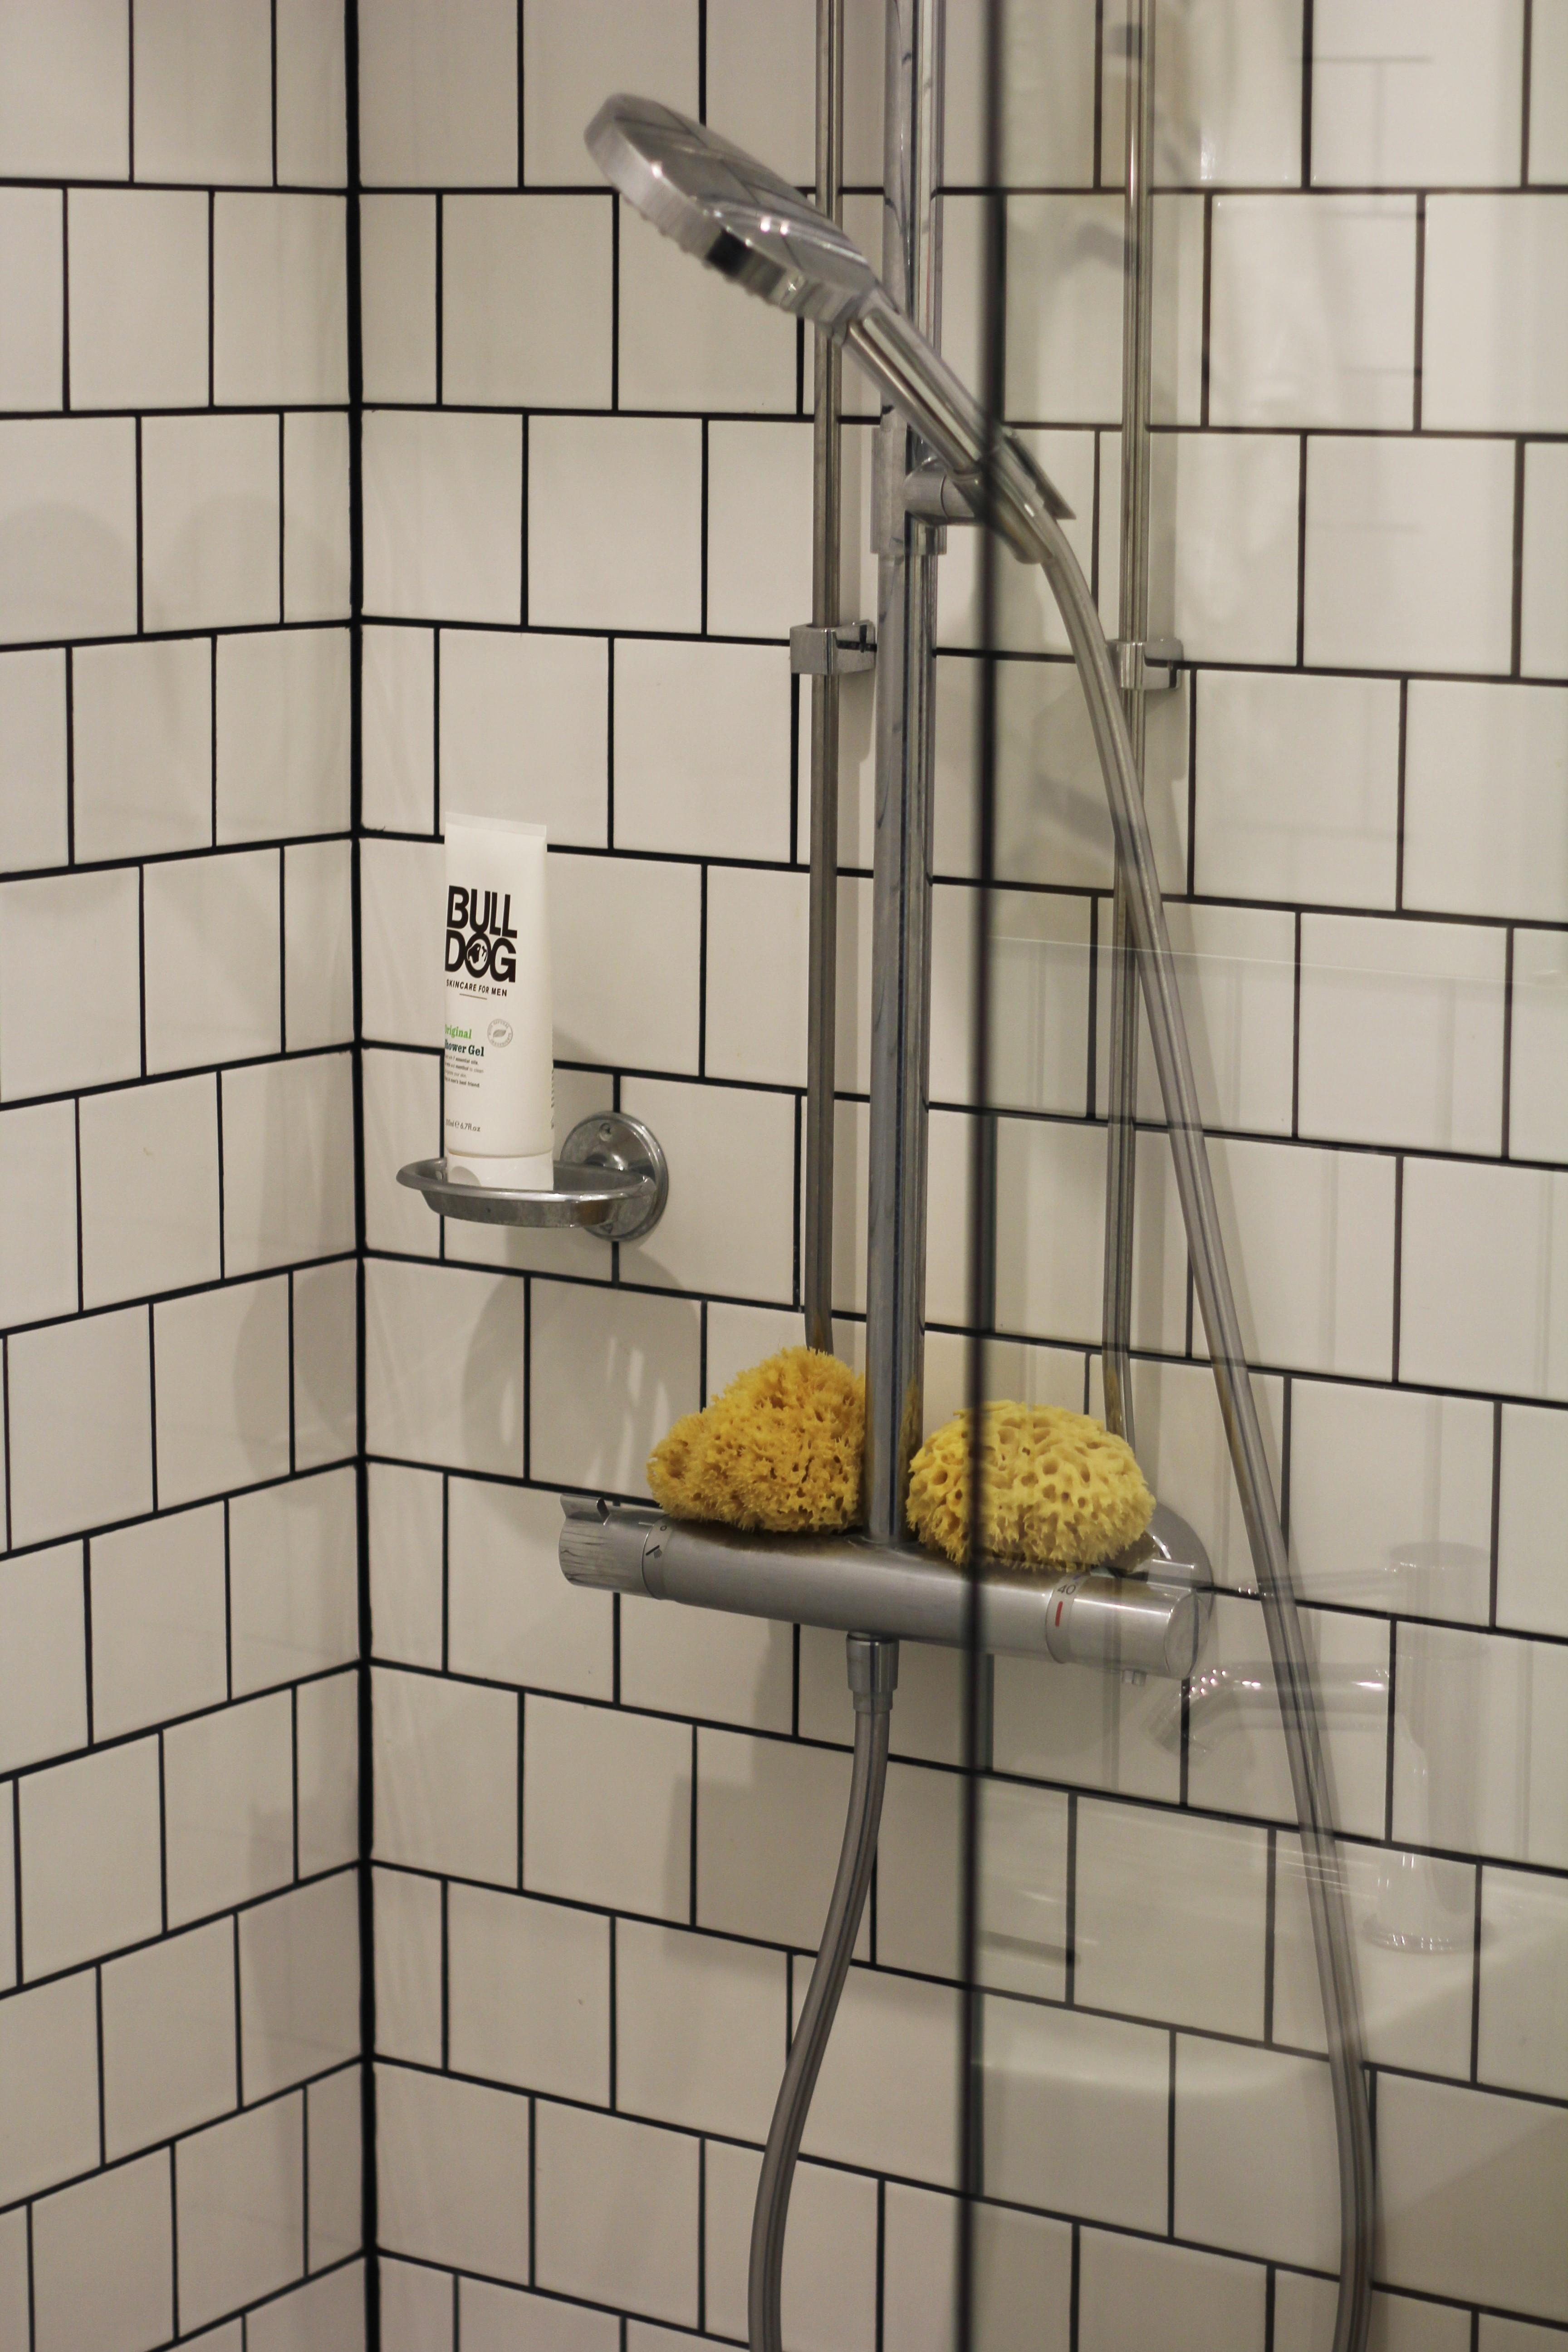 Suihkun puolella säilytetään vain joka päivä käytössä olevaa suihkusaippuaa ja pesusieniä. Sampoon voi napata mukaan allaskaapista hiustenpesupäivänä. Näin kylpyhuoneeseen ei synny purkkikaaosta.